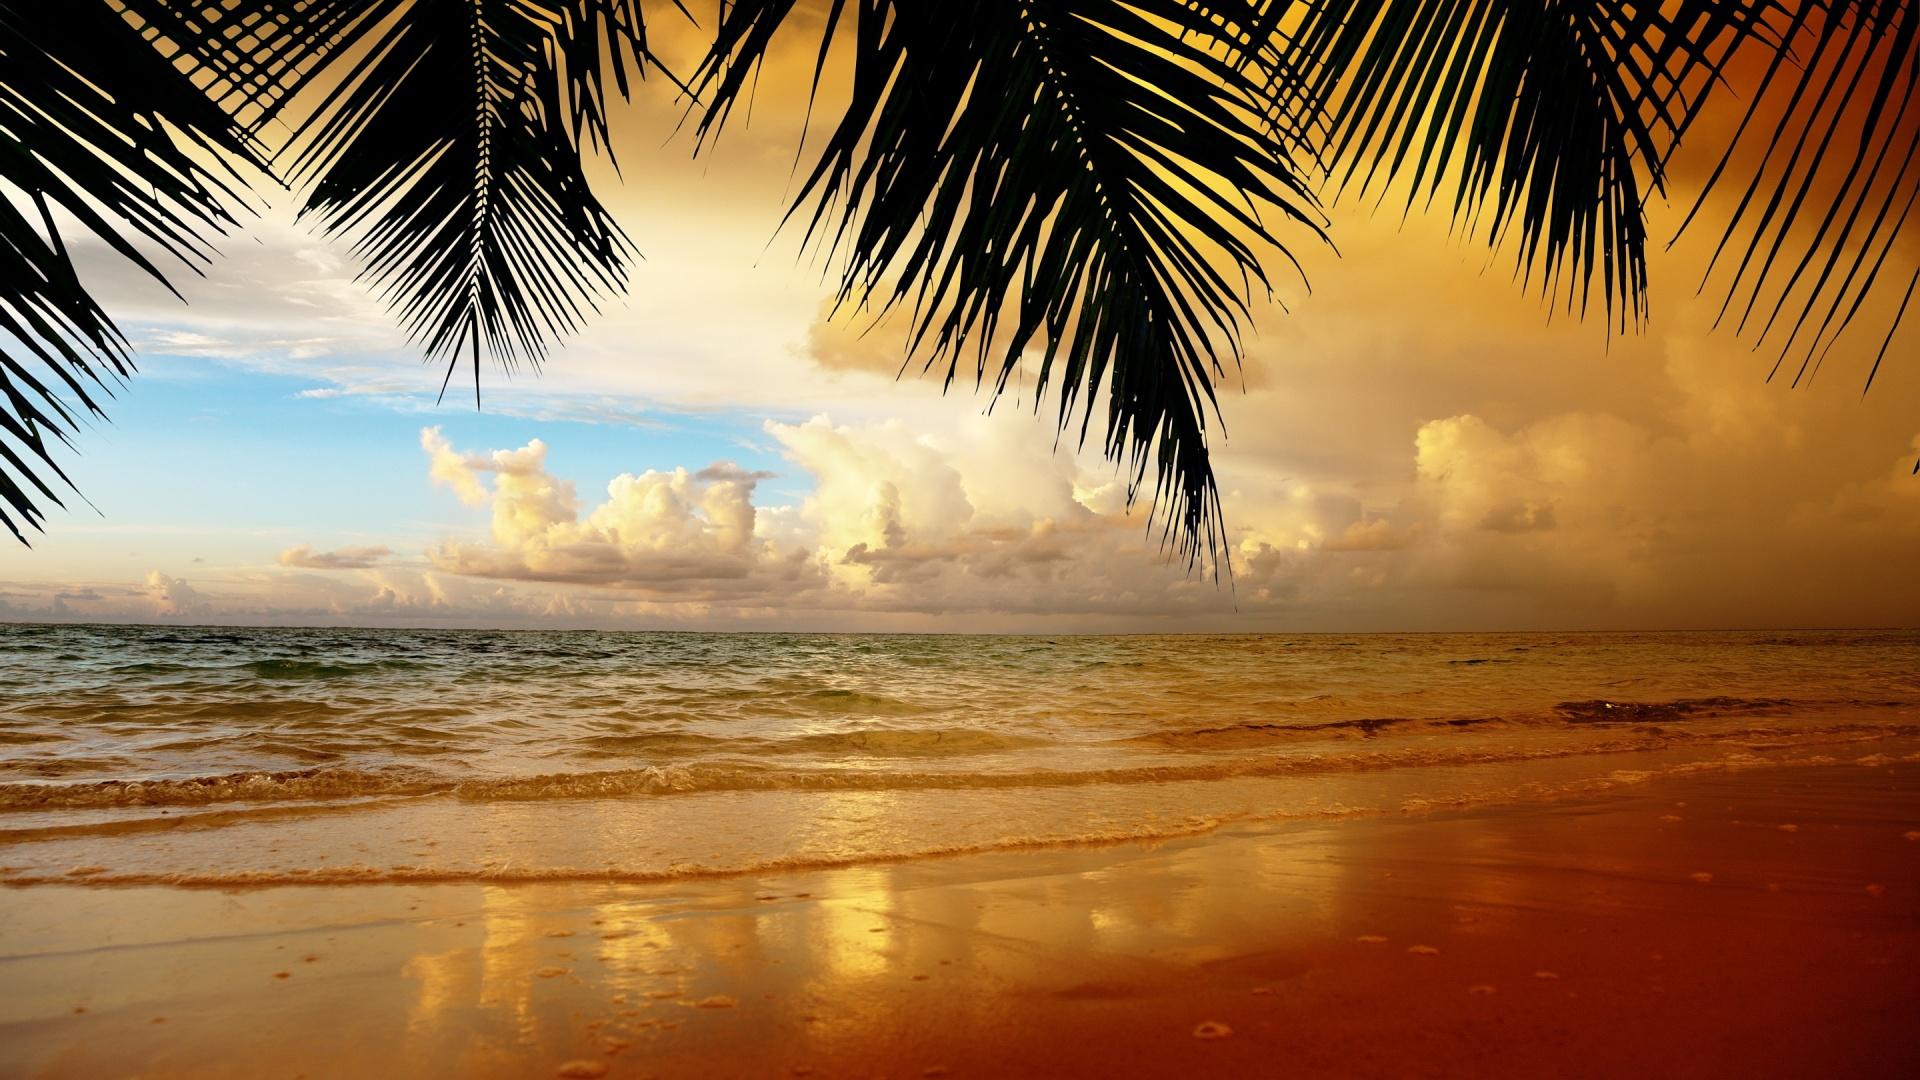 高清沿海风景桌面壁纸